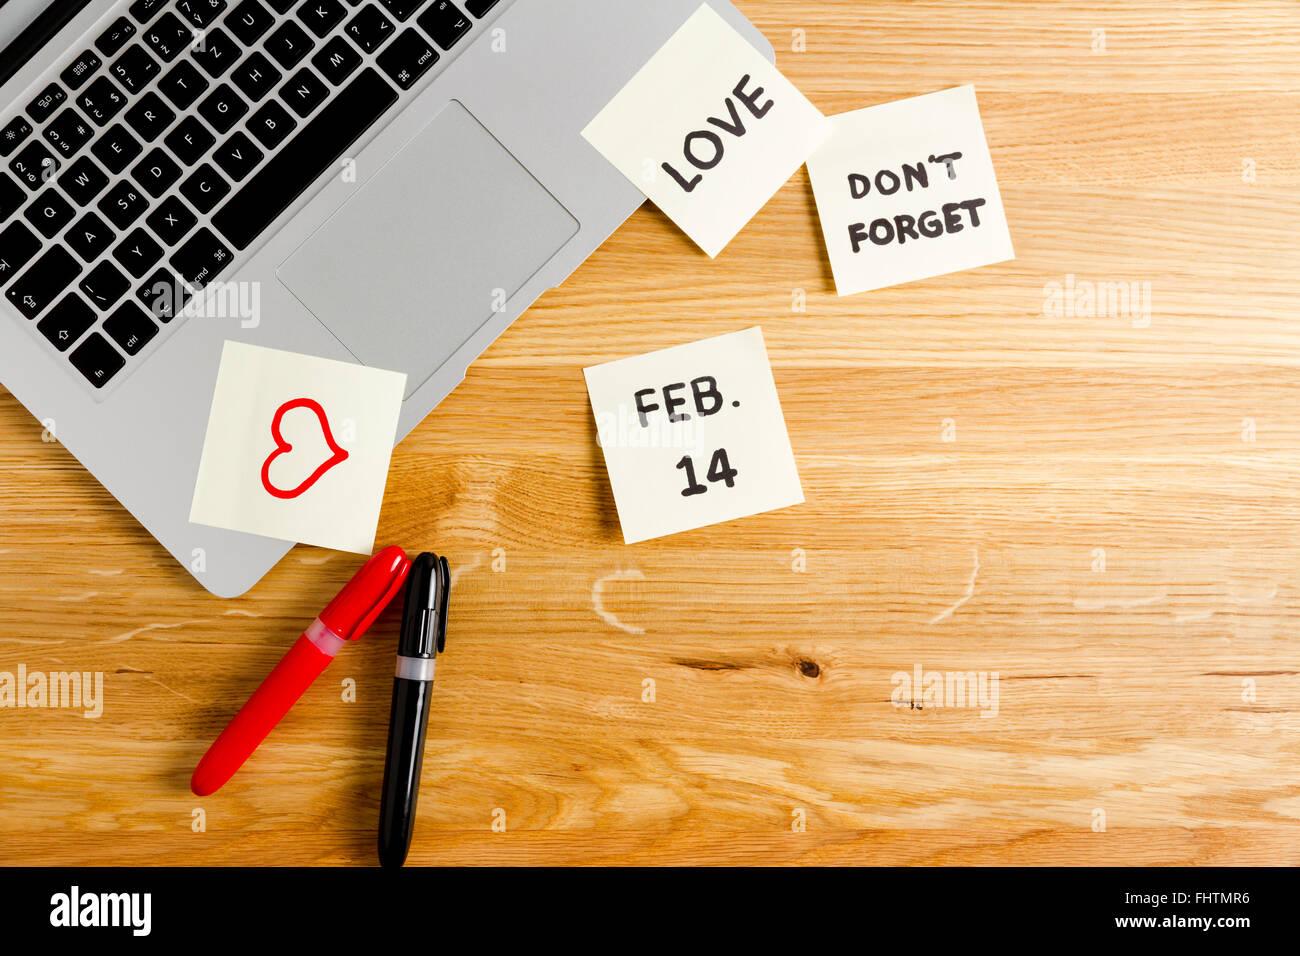 Stockfoto   Vergessen Sie Nicht Auf Den Valentinstag Nachricht Auf Dem  Laptop